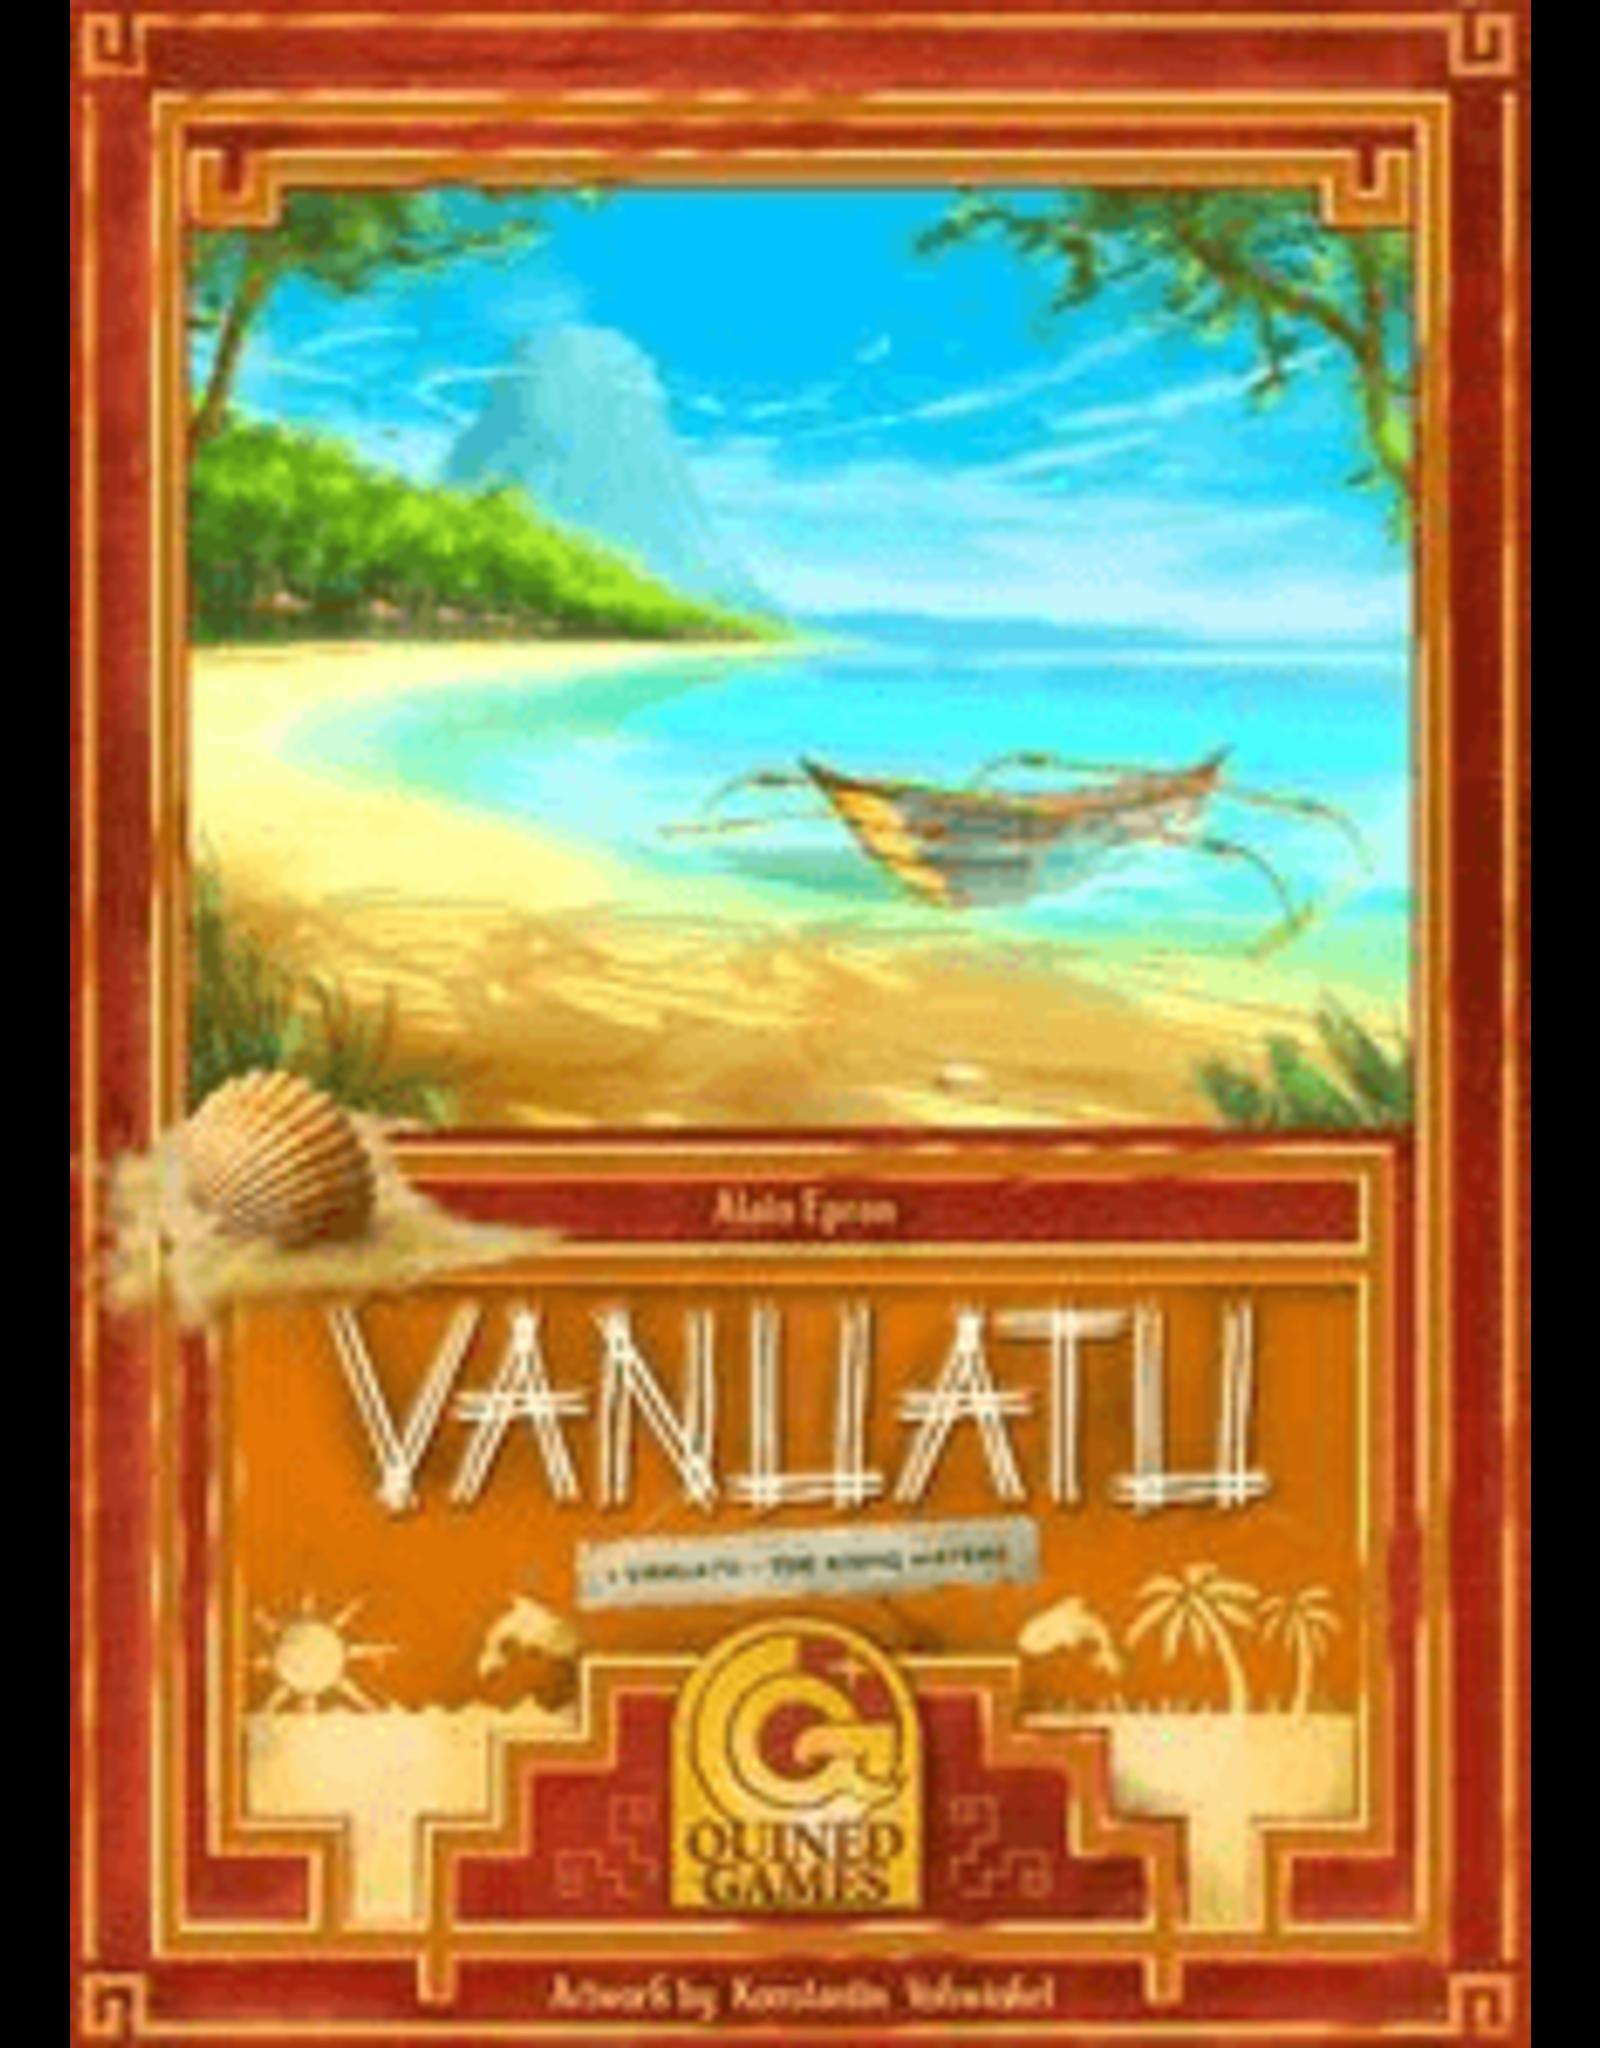 Vanuatu 2nd Ed.